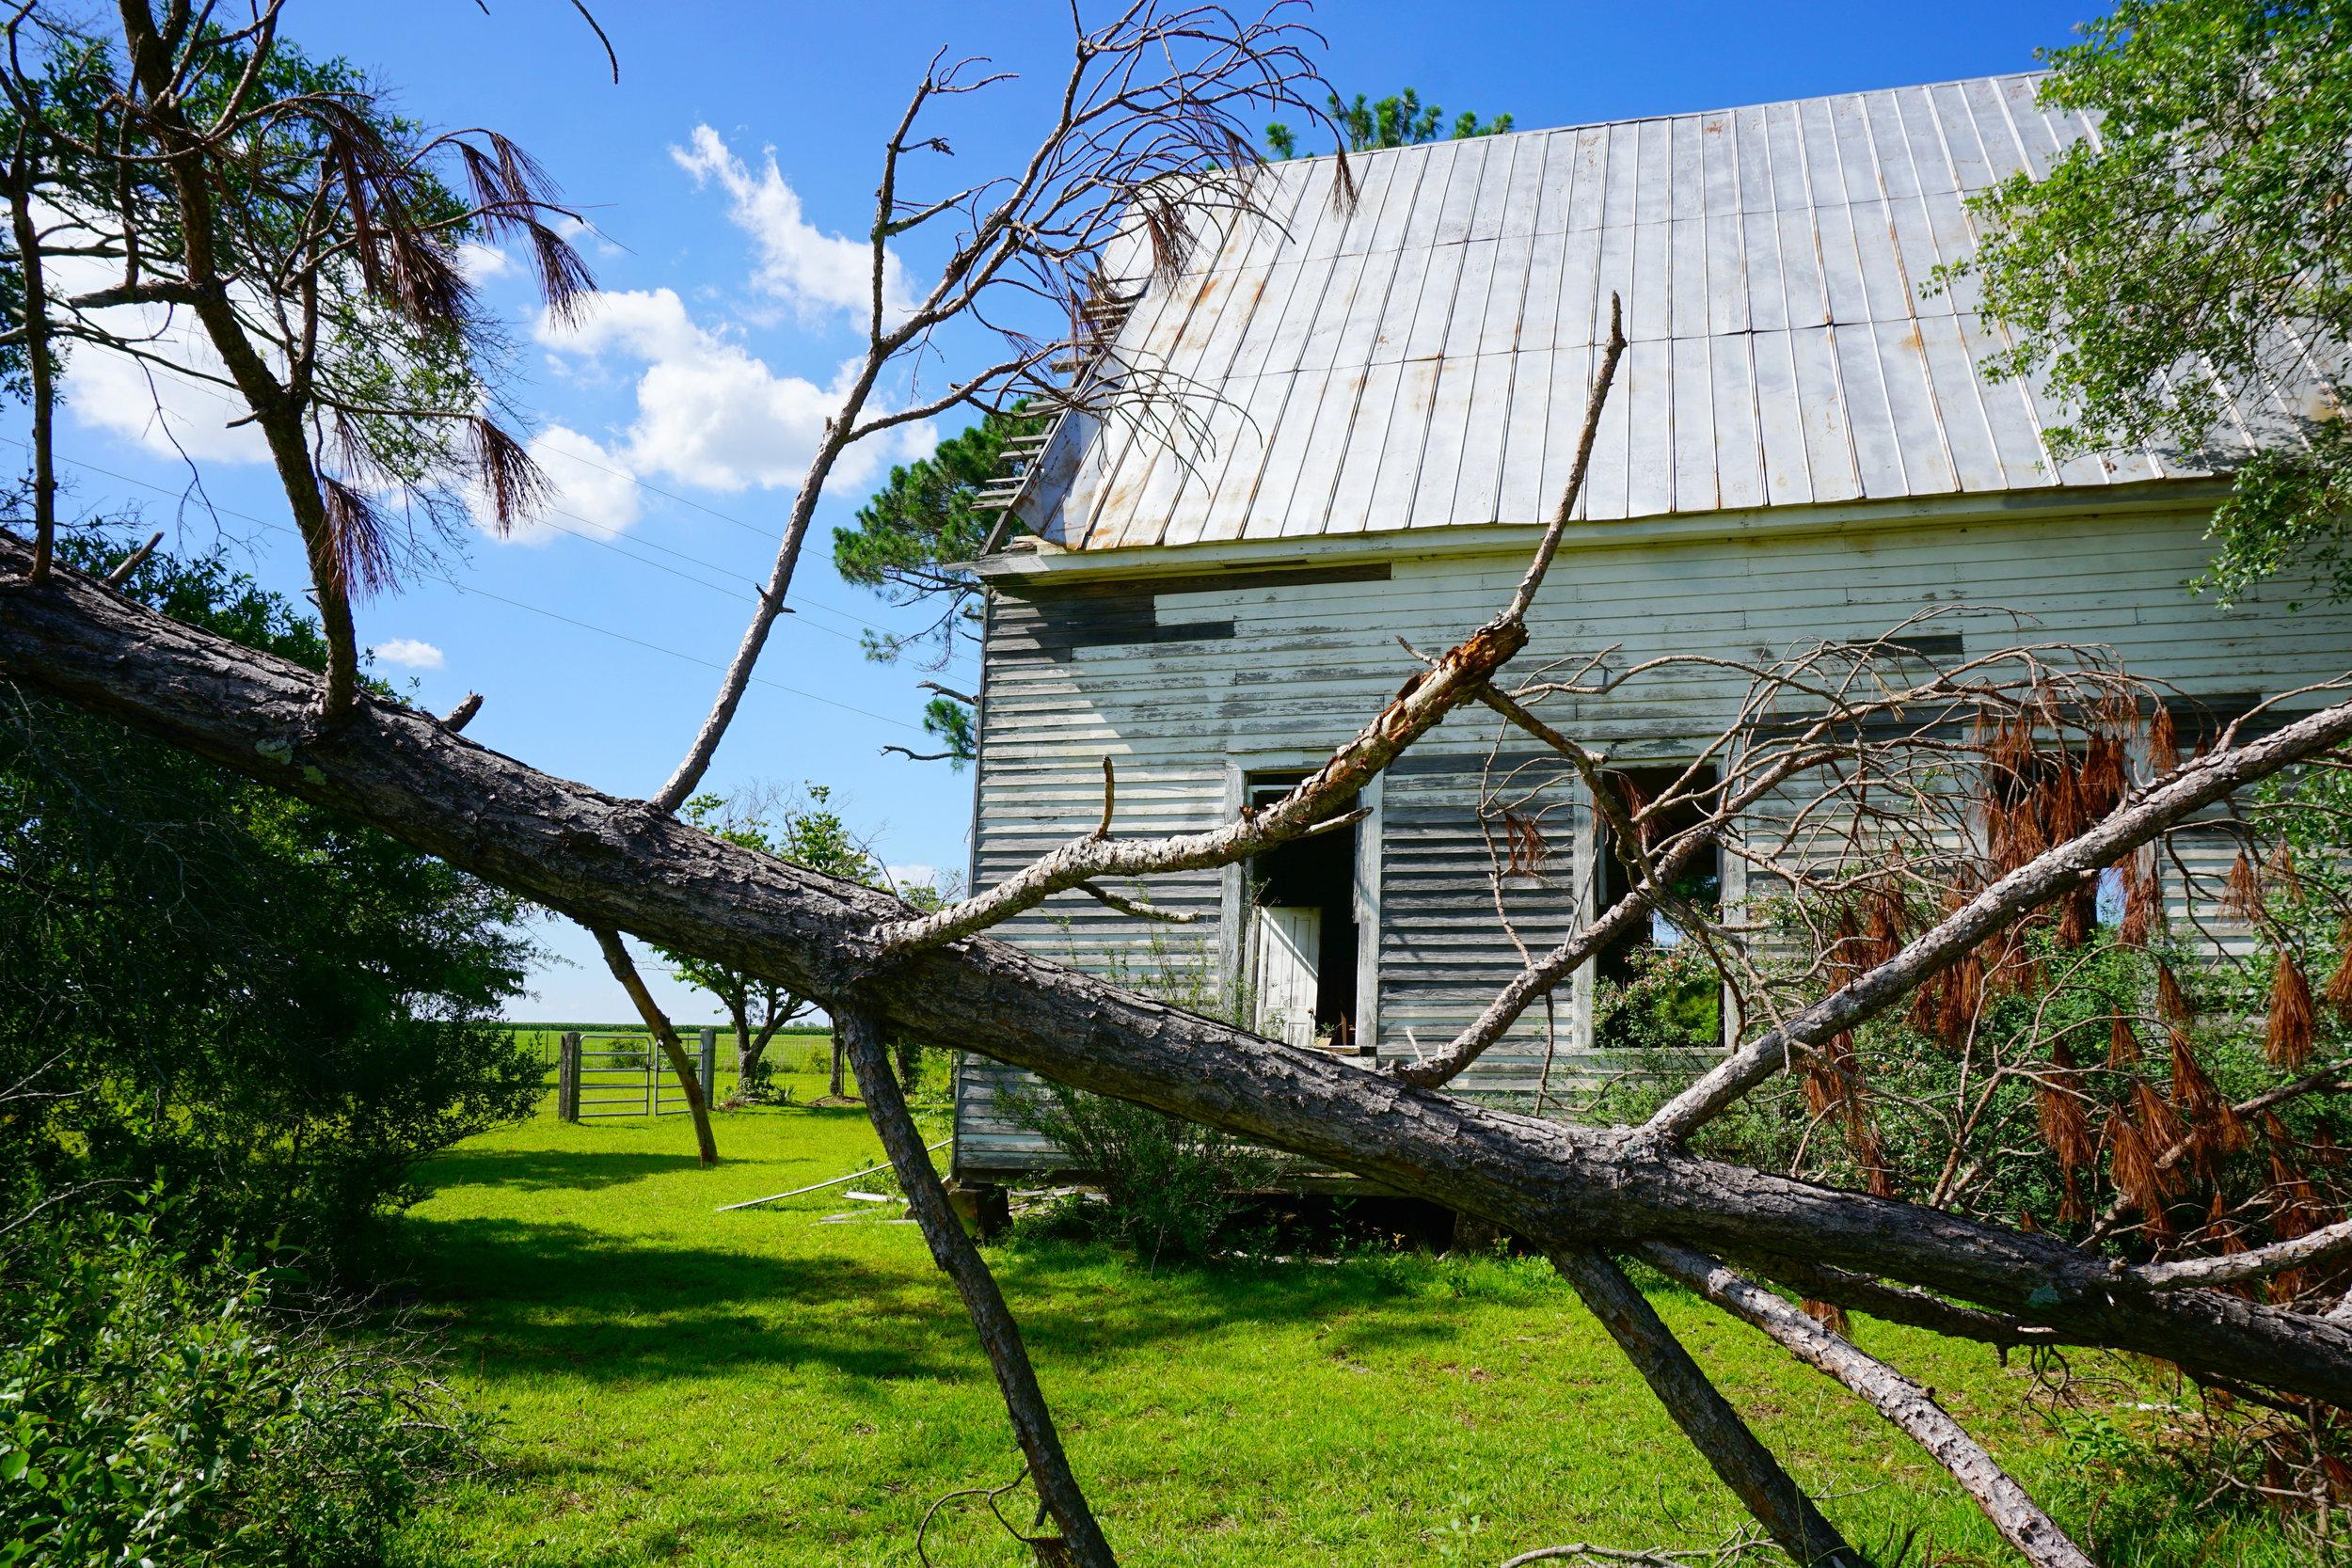 youngs chapel abandoned georgia church tornado damage